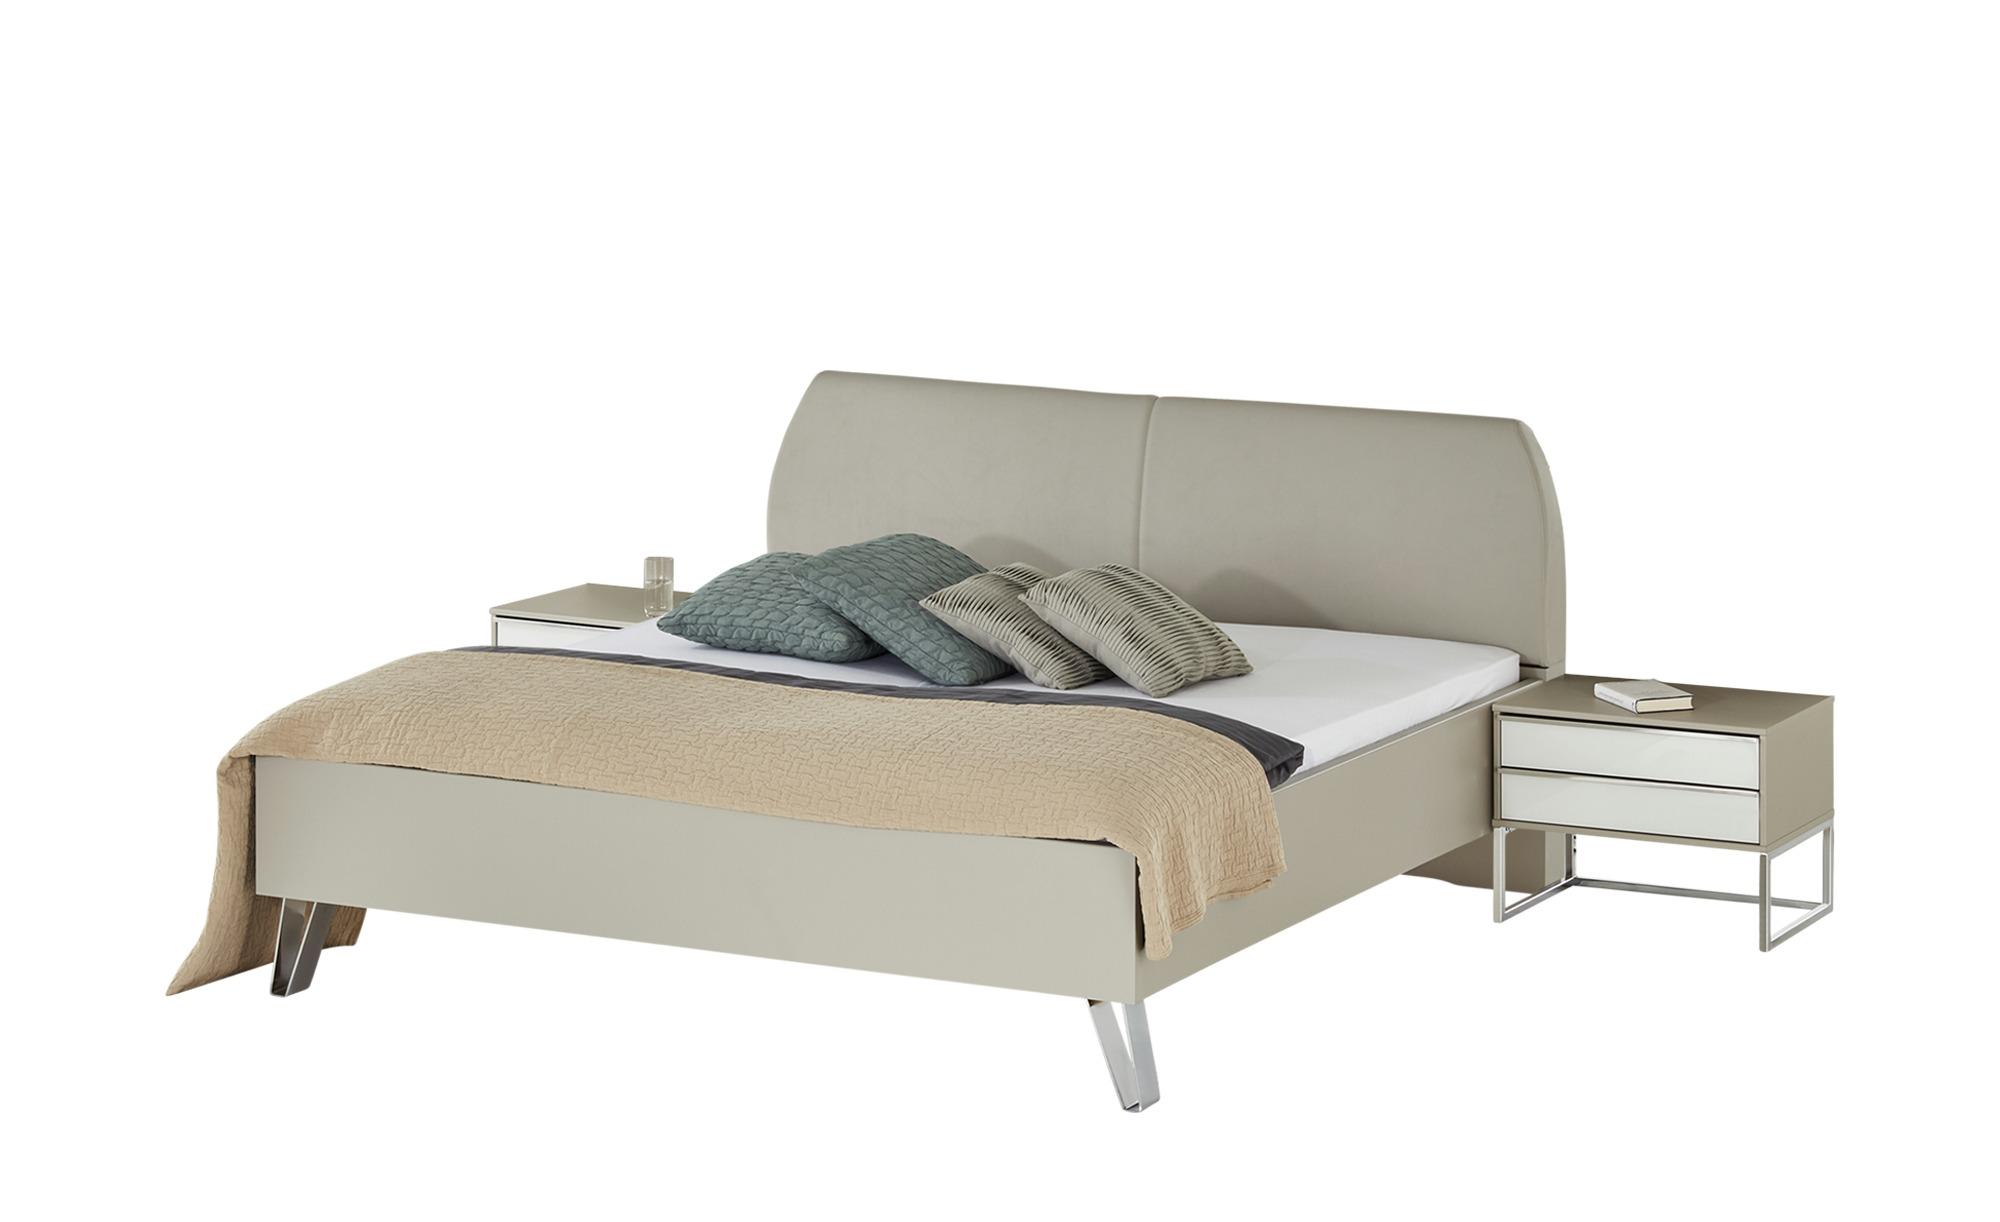 Wohnwert Bettanlage 3-teilig  Forum ¦ grau Betten > Futonbetten - Höffner